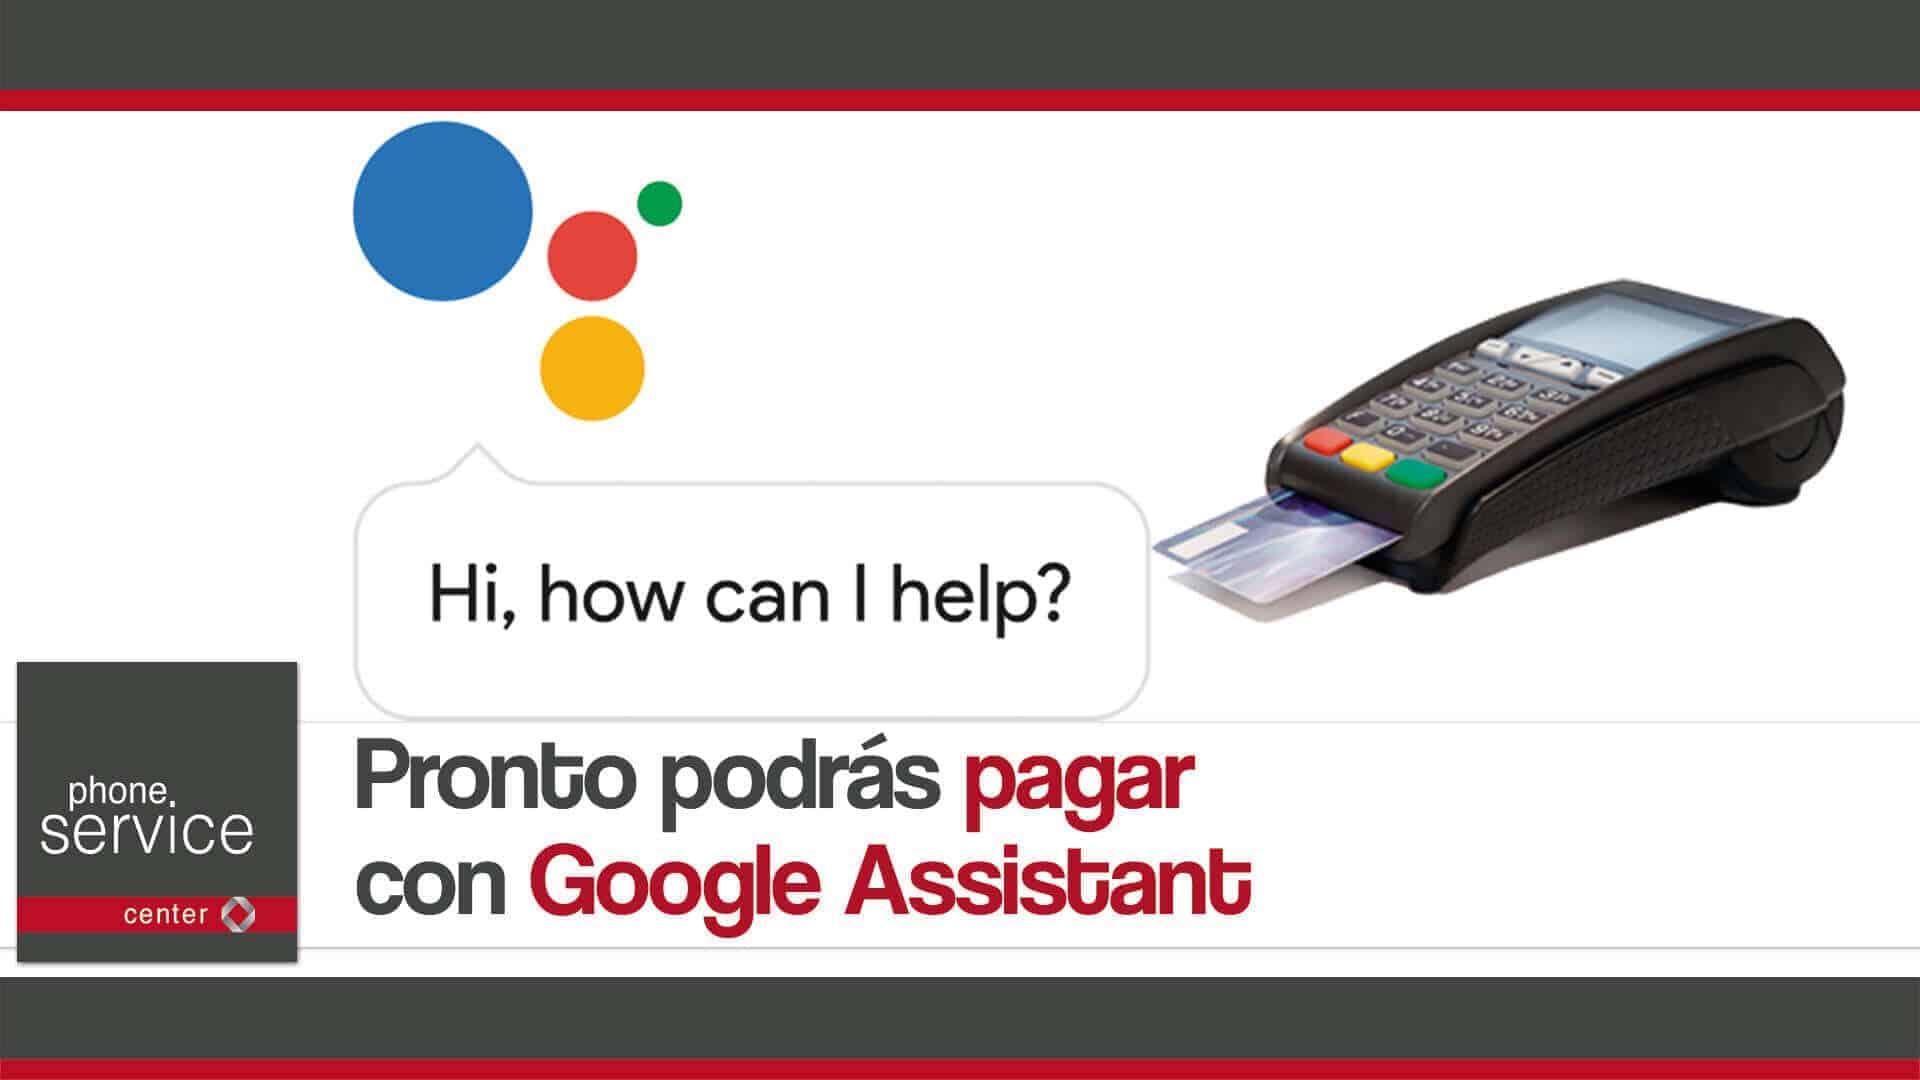 Pronto podras pagar con Google Assistant